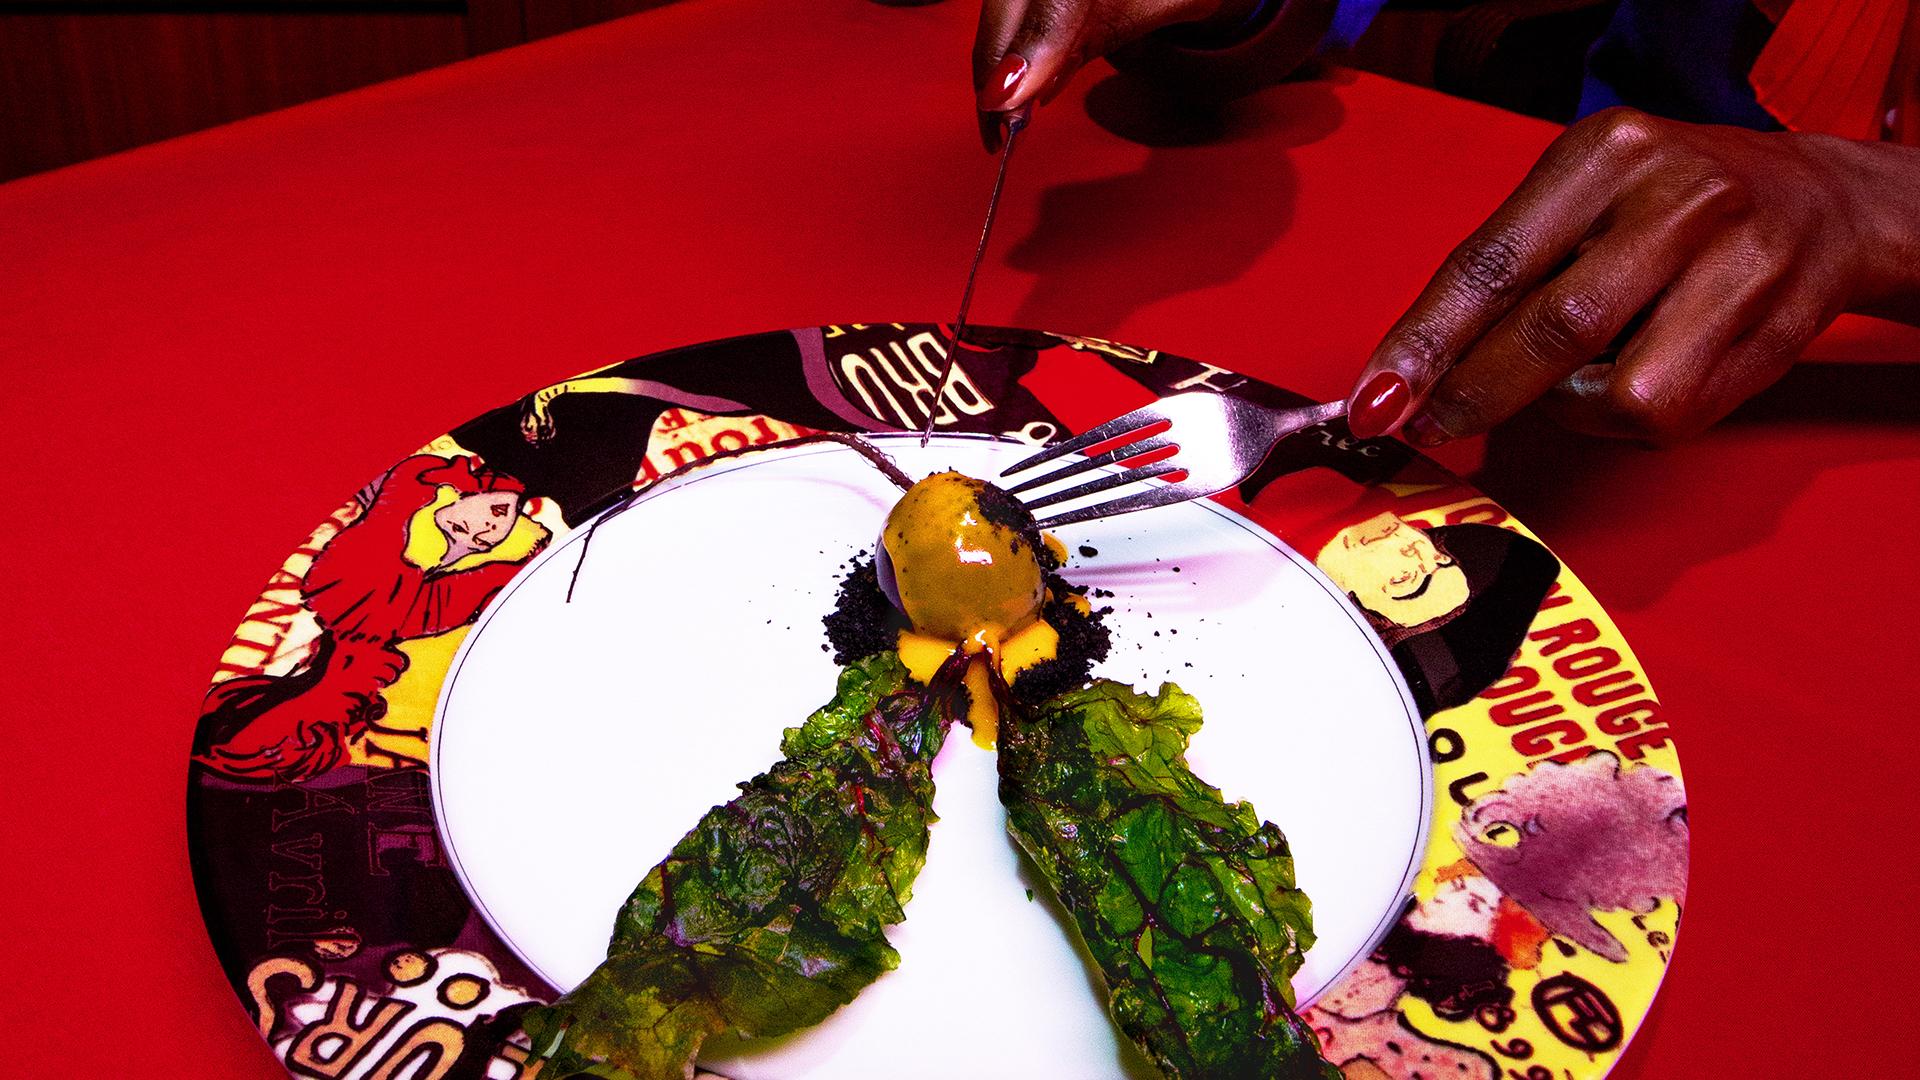 lautrec dish of a beet